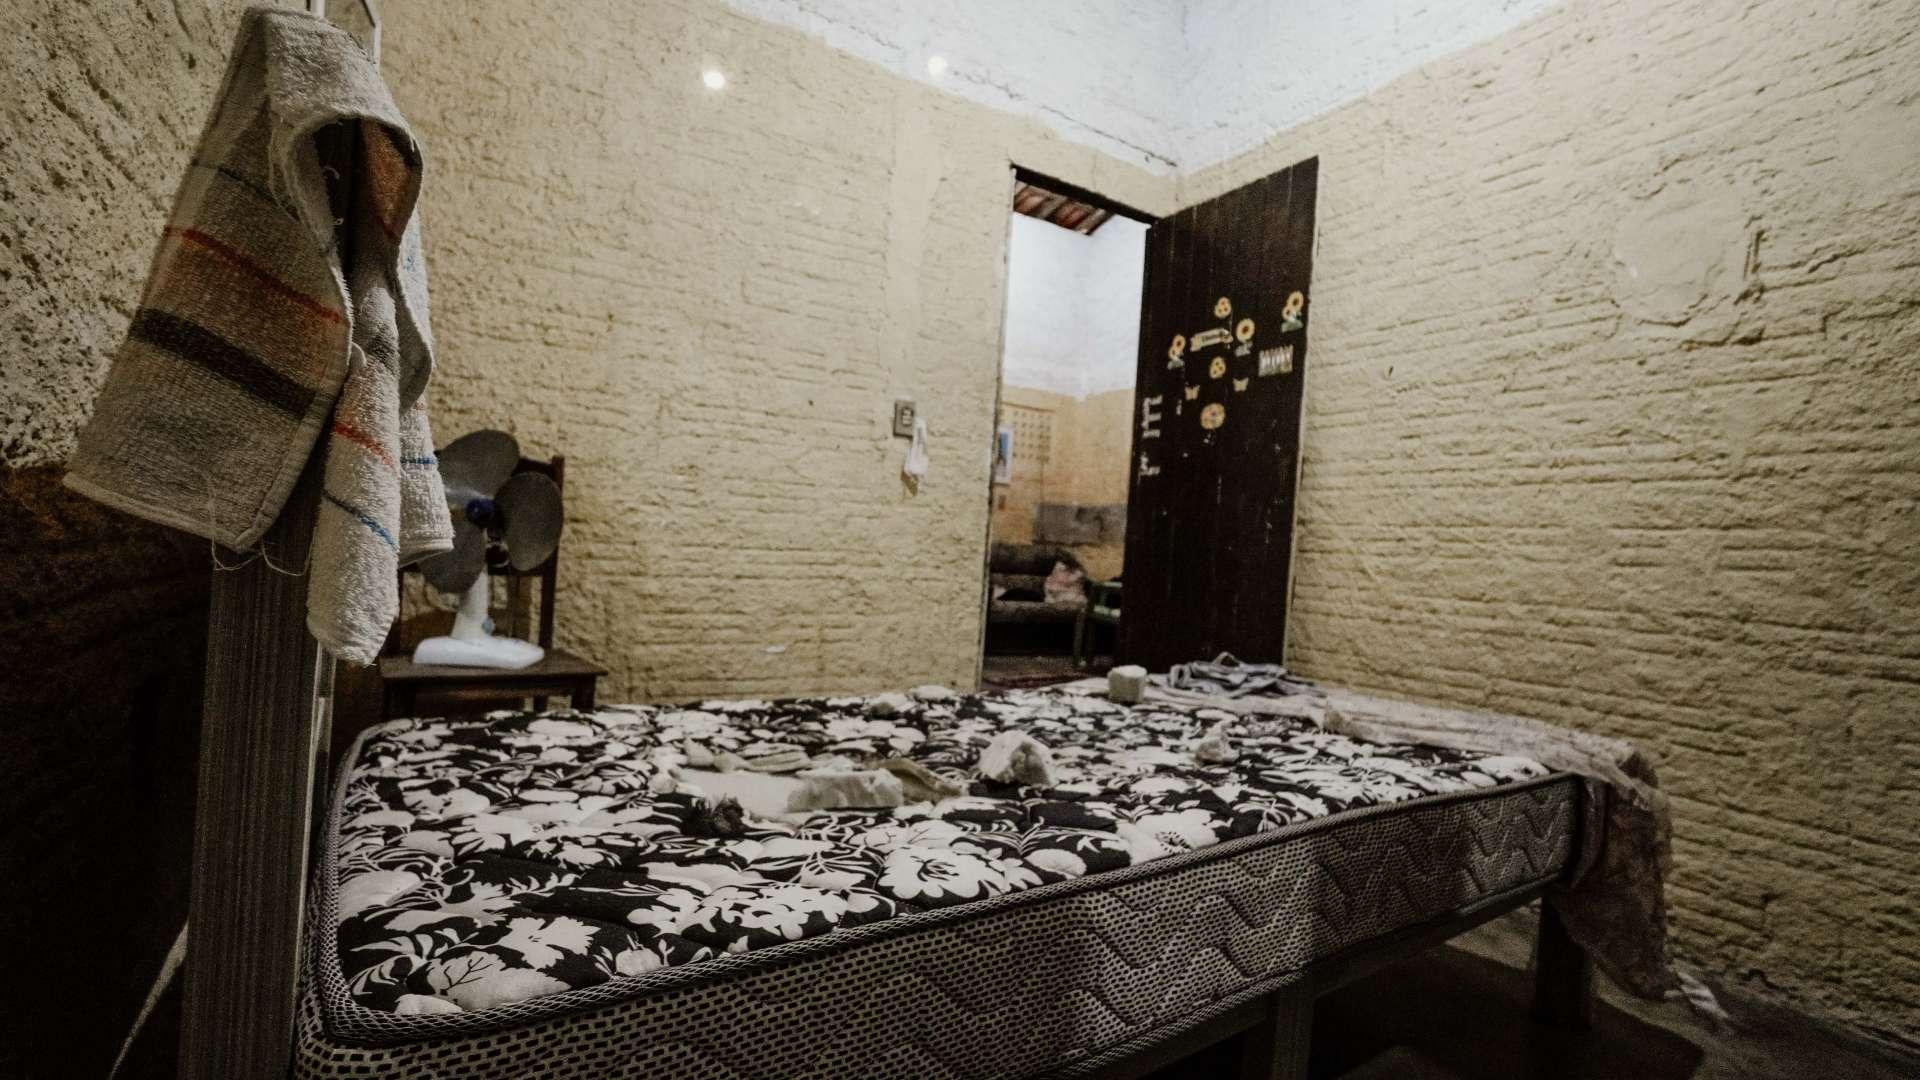 CAMA onde Mizael Fernandes, de 13 anos, dormia, quando foi morto por PM, em 1º de junho último